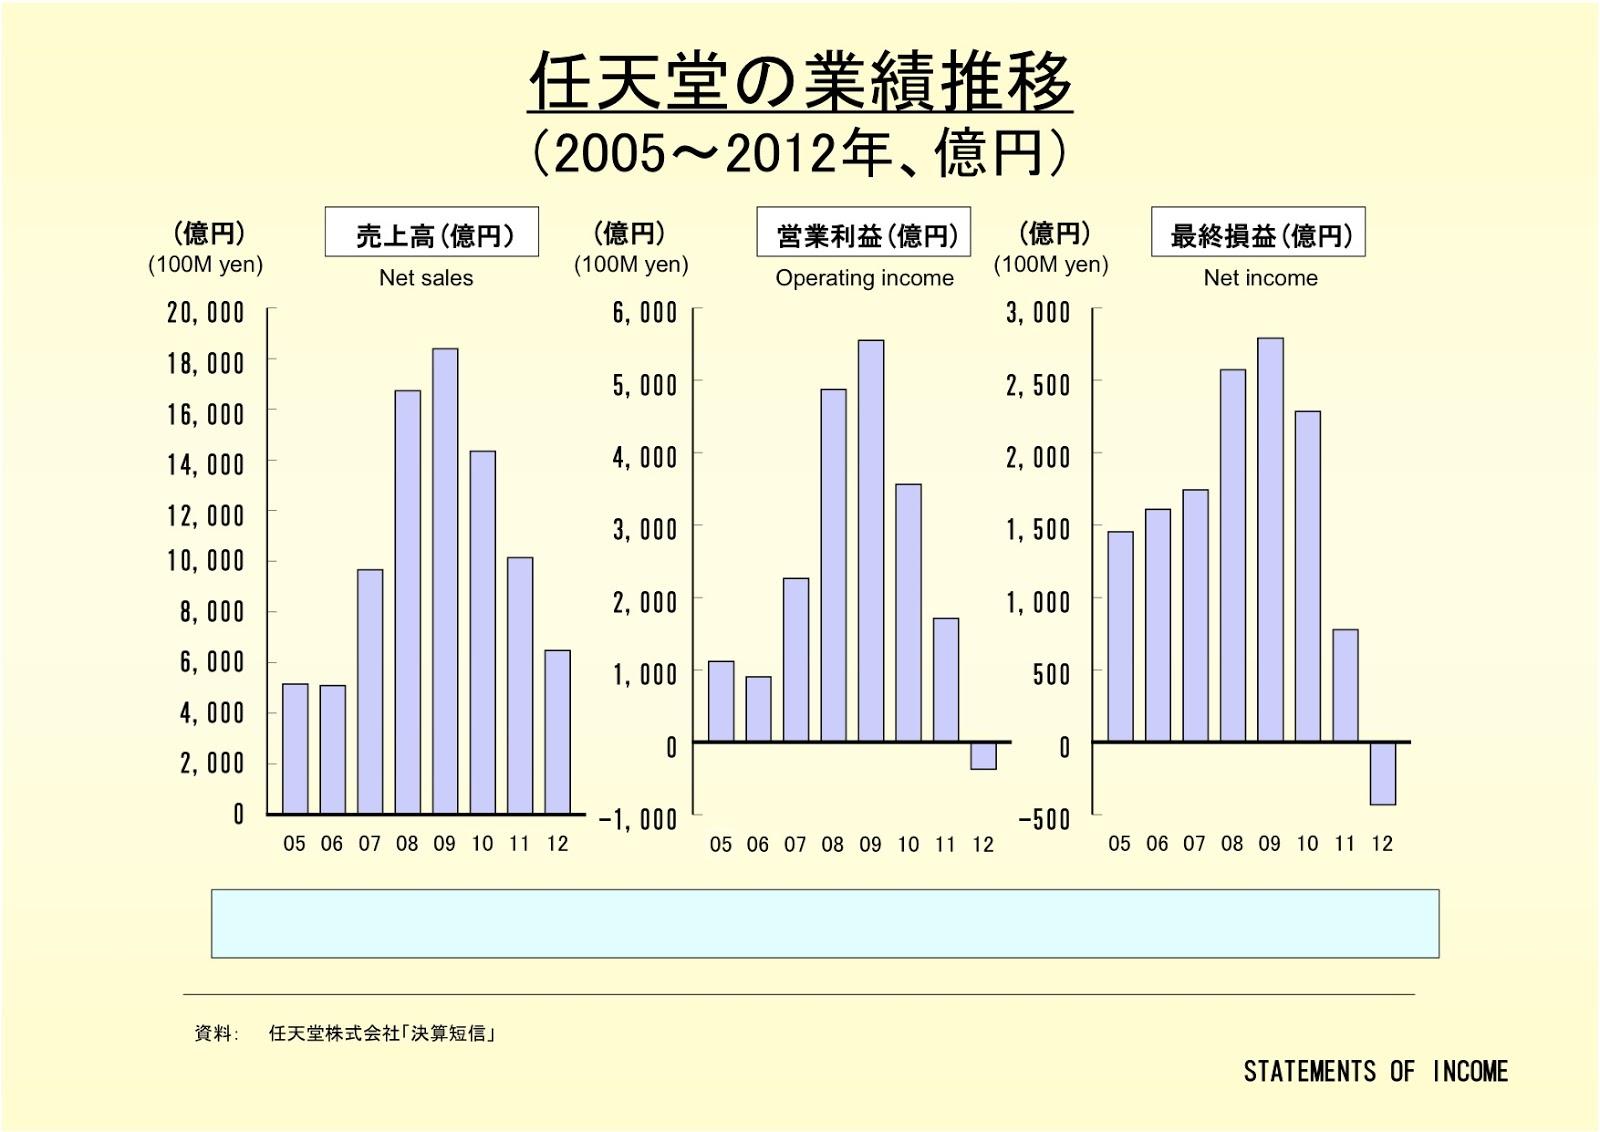 任天堂株式会社の業績推移